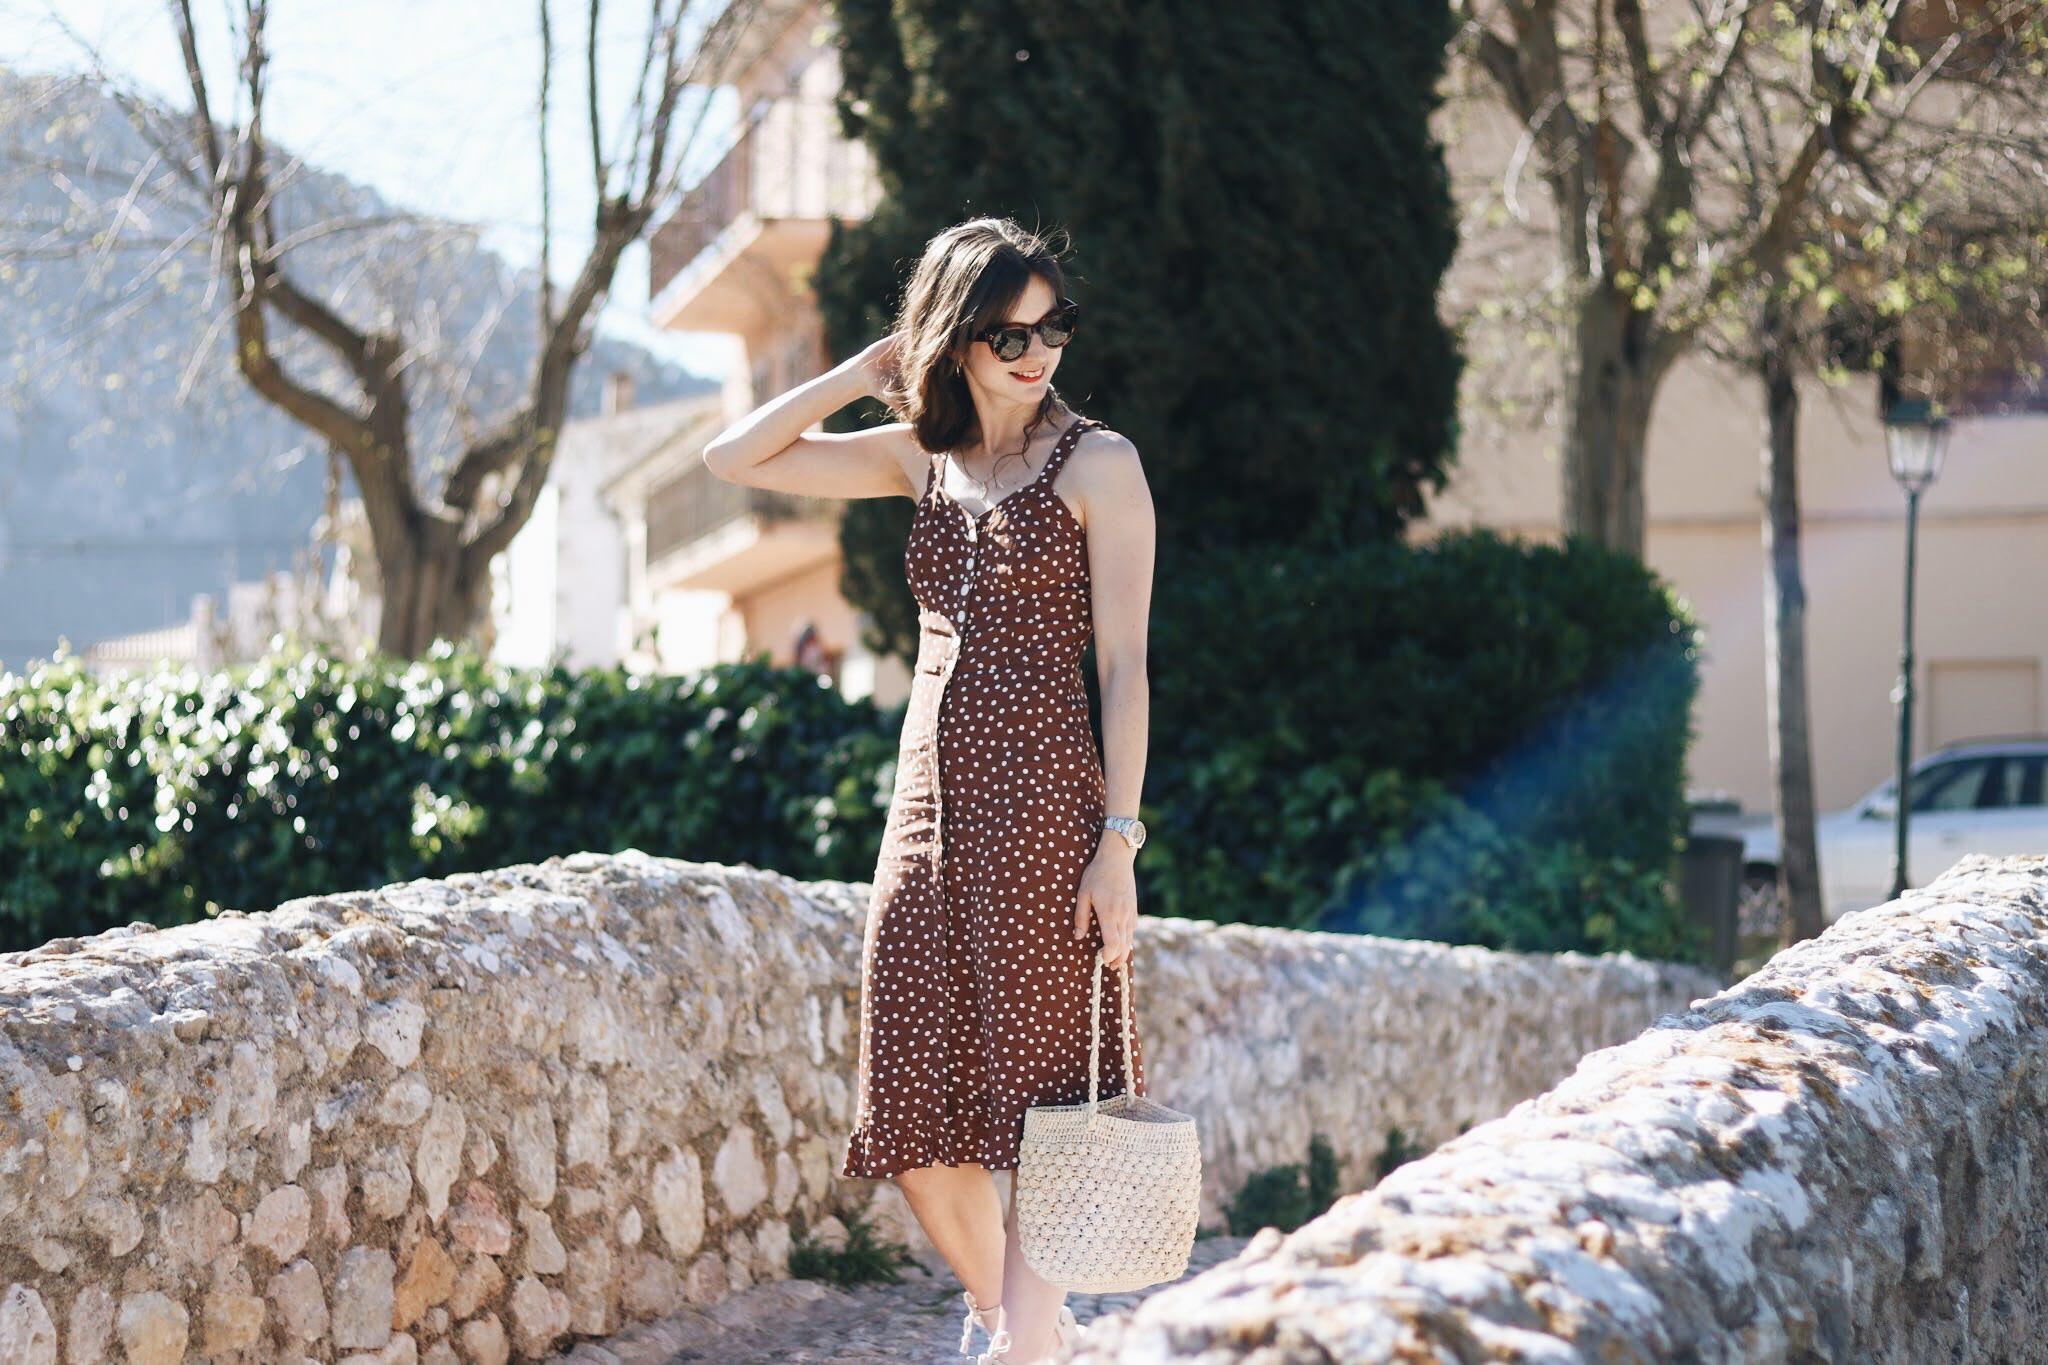 Modeblog Outfit Polka Dots Sommerkleid French Chic Korbtasche Modetrends 2018 Celine Sonnenbrille Mallorca deutsch Freiburg Bloggerin